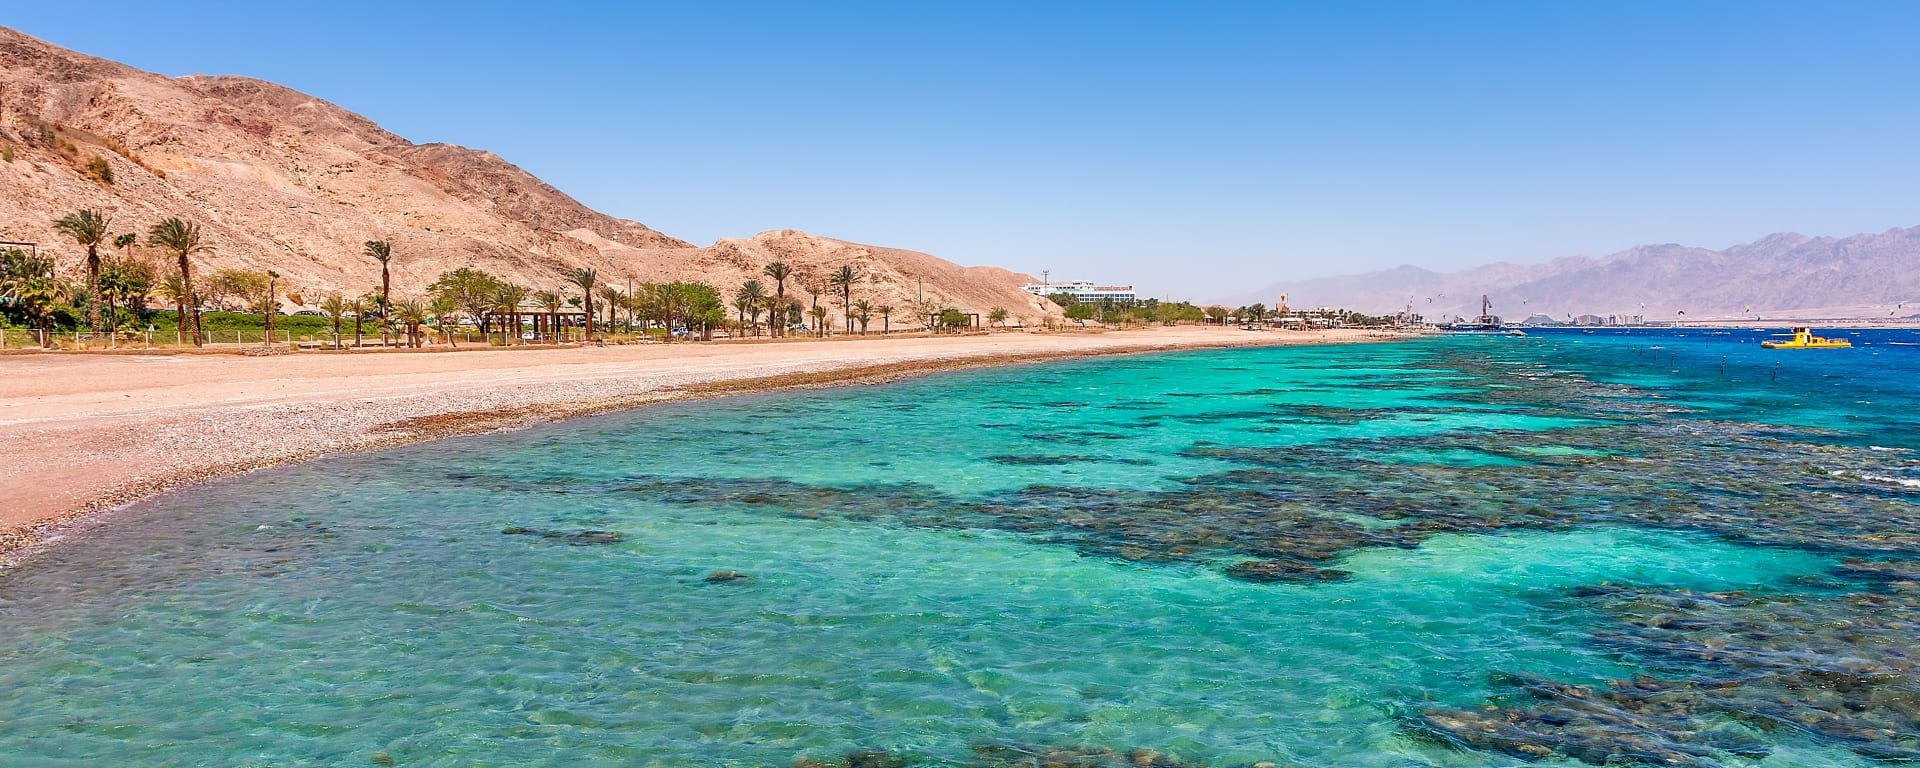 Israel entdecken mit Tischler Reisen: Israel Eilat Rotes Meer